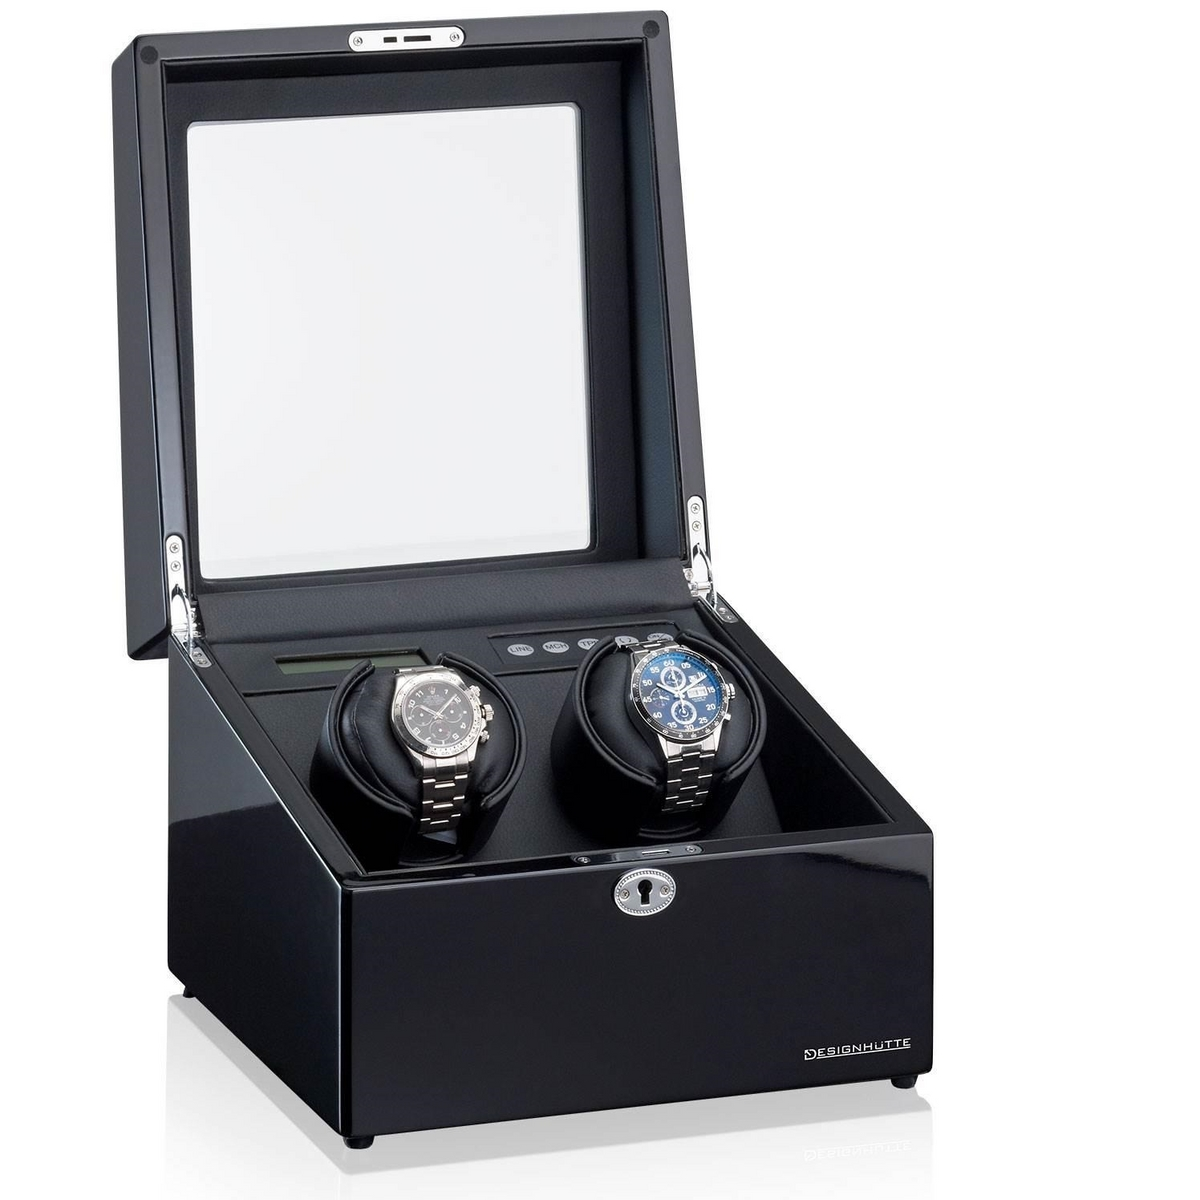 Designhuette Watchwinder Munchen 2 LCD Zwart